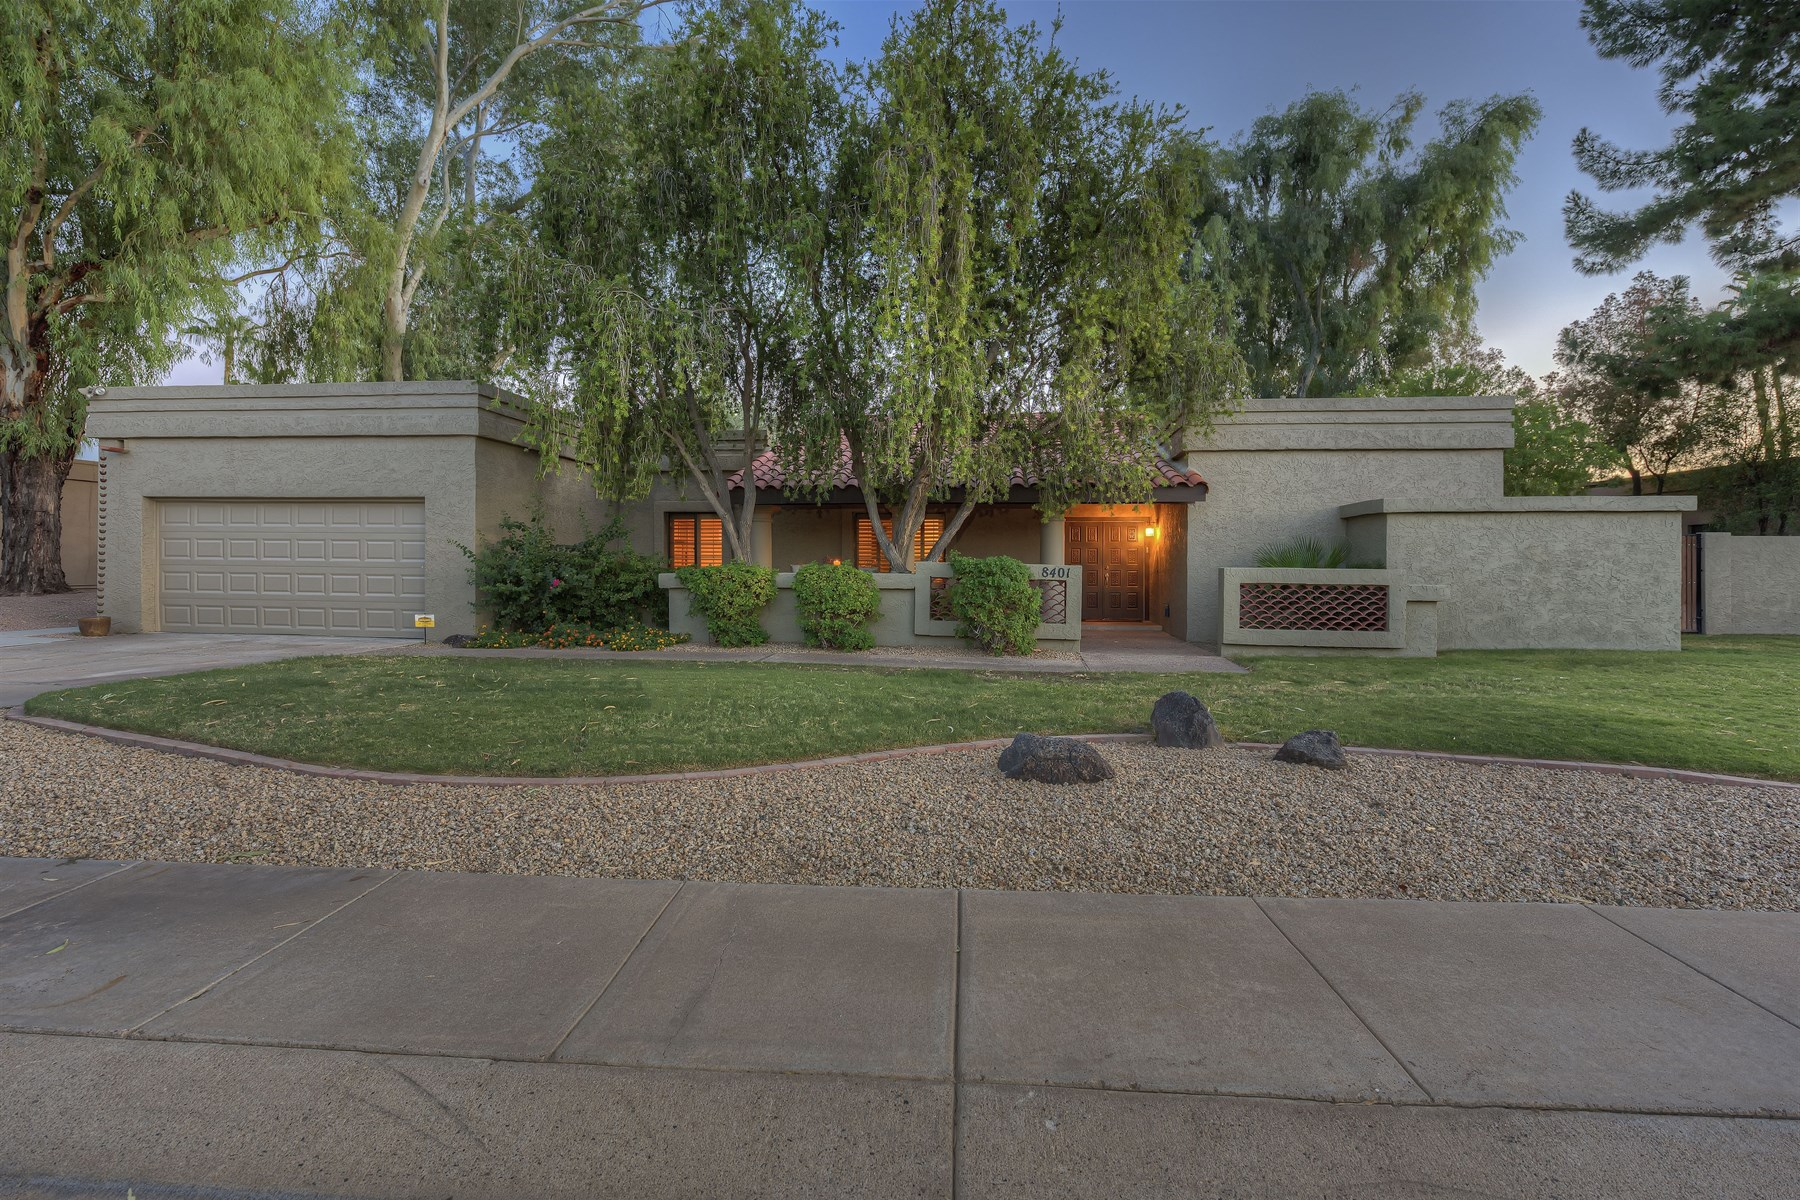 Casa para uma família para Venda às Charming Santa Fe home in McCormick Ranch 8401 E QUARTERHORSE TRL Scottsdale, Arizona 85258 Estados Unidos